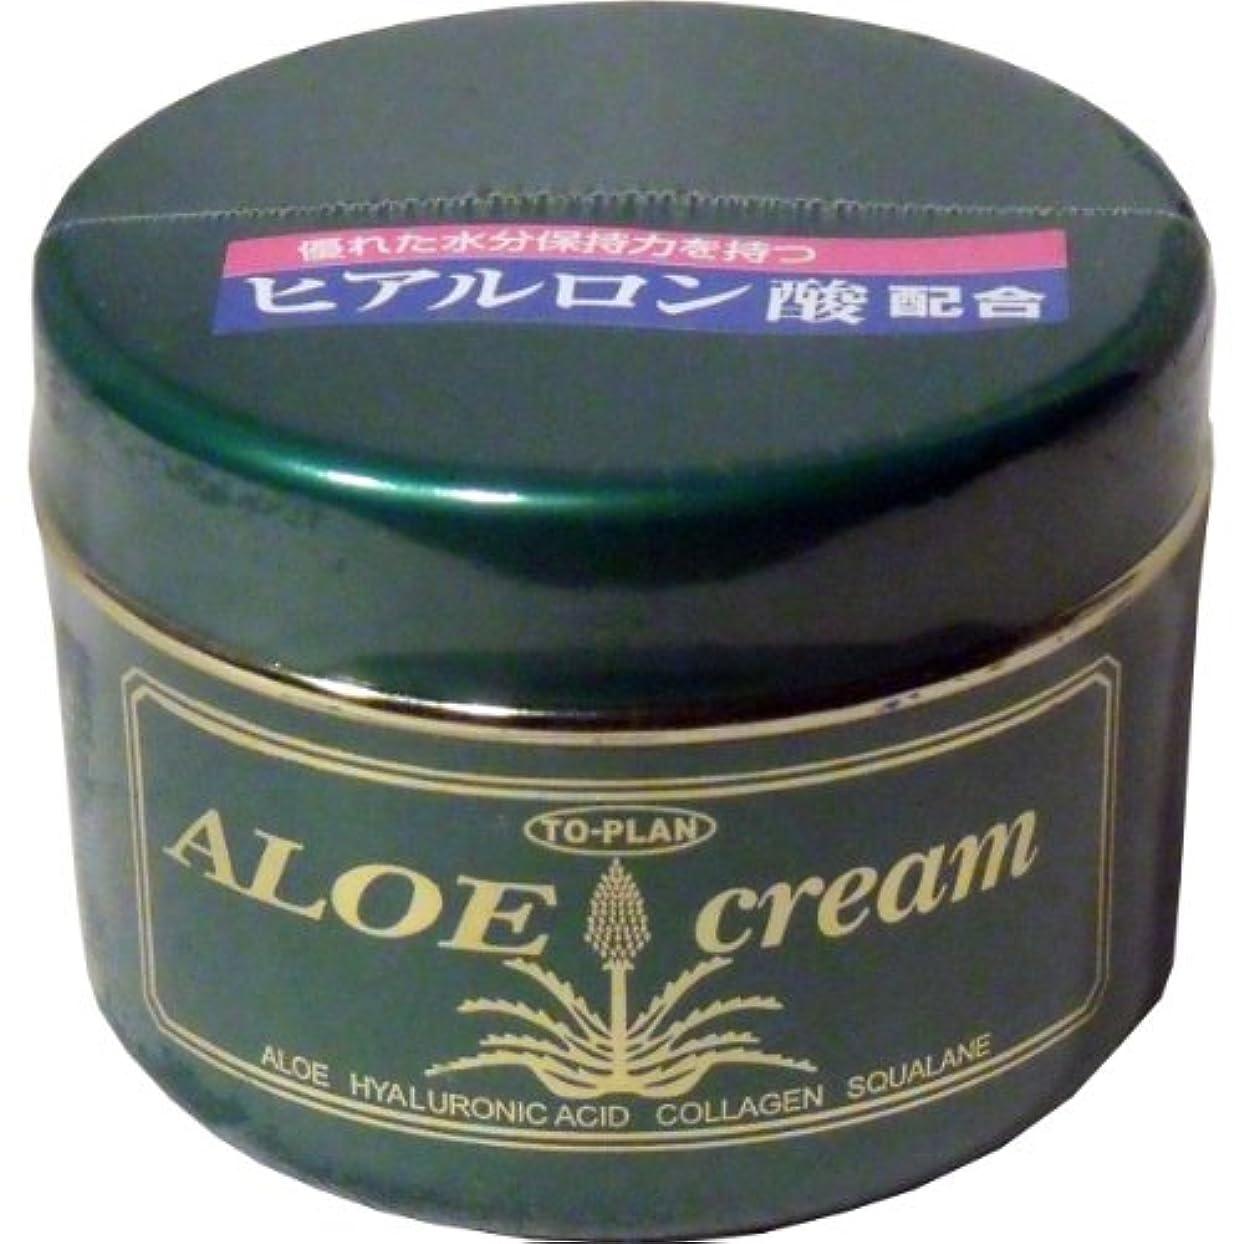 涙行商人放送トプラン ハーブフレッシュクリーム(アロエクリーム) ヒアルロン酸 170g ×3個セット